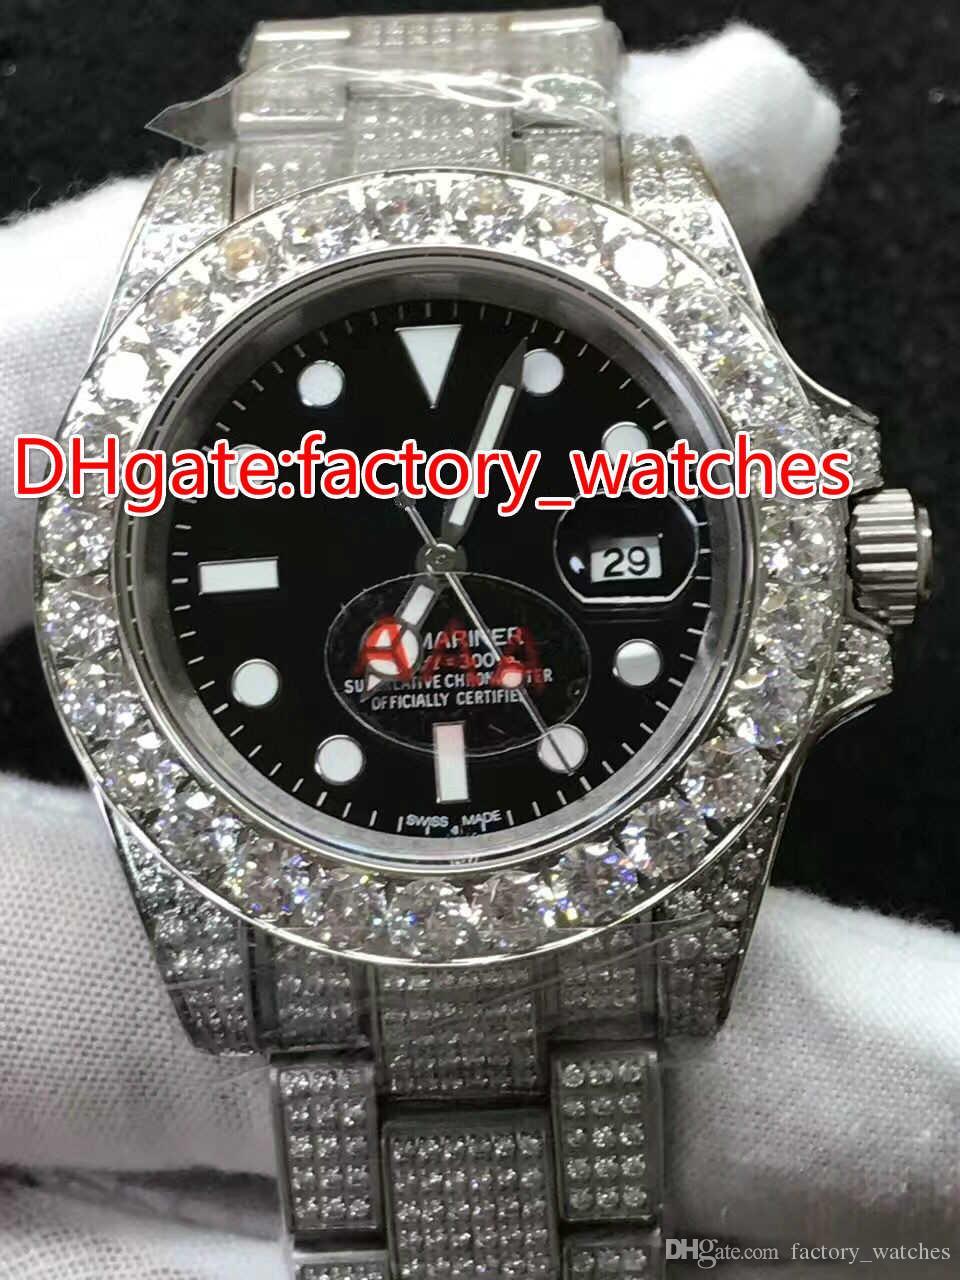 Nouveau modèle à la mode de coquille d'argent de montre de luxe de montre d'hommes de machine automatique de marque de diamant de montre automatique imperméable à l'eau expédition libre.